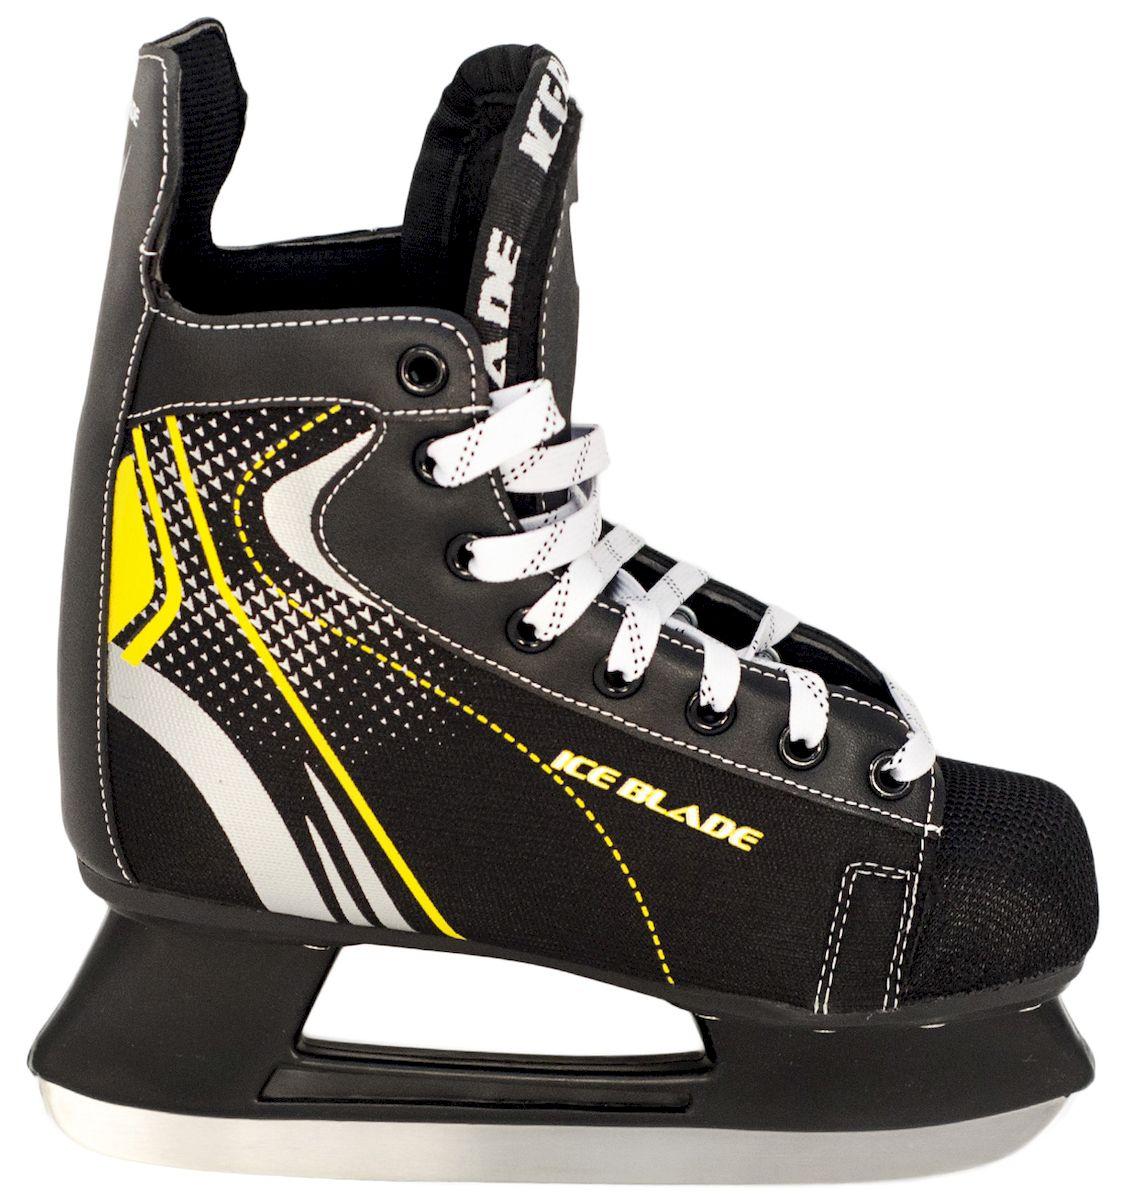 Коньки хоккейные Ice Blade Shark, цвет: черный, желтый. УТ-00006841. Размер 41УТ-00006841Коньки хоккейные Shark имеют модный яркий дизайн, поэтому данная модель очень популярна у любителей хоккея.Ботинок выполнен из искусственной кожи, высокопрочной нейлоновой ткани и ударостойкого пластика. Лезвие изготовлено из высокоуглеродистой стали с покрытием из никеля, что гарантирует прочность и долговечность. В качестве внутренней отделки используется вельветин с утеплителем. Коньки поставляются с заводской заточкой лезвия, что позволяет сразу приступить к катанию, не тратя время и денег на заточку. Коньки подходят для использования на открытом и закрытом льду.Удобная система фиксации ноги и улучшенная колодка сделают катание комфортным и безопасным.